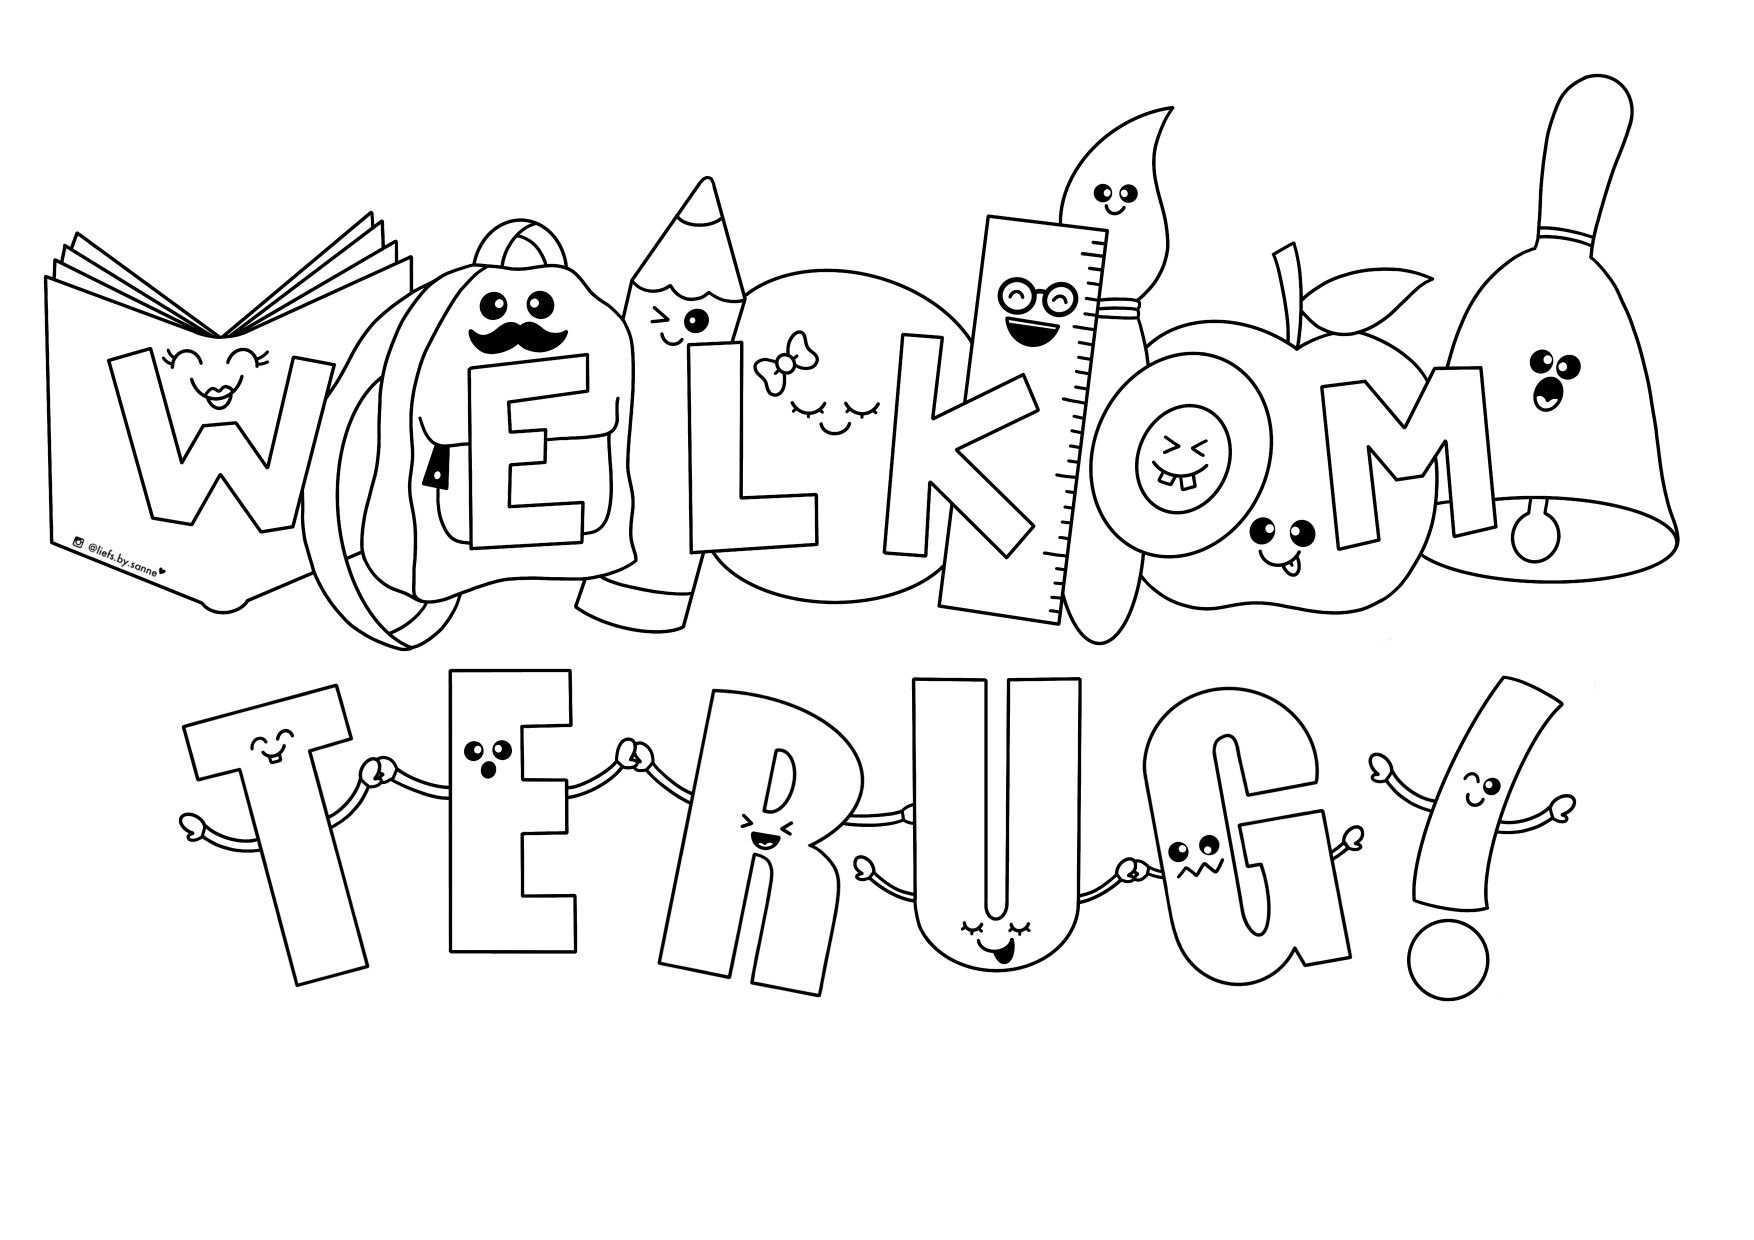 Welkom Terug Op School Back To School Thuisonderwijs Corona Kleurplaat Welkom Terug Op School School Thuisonderwijs